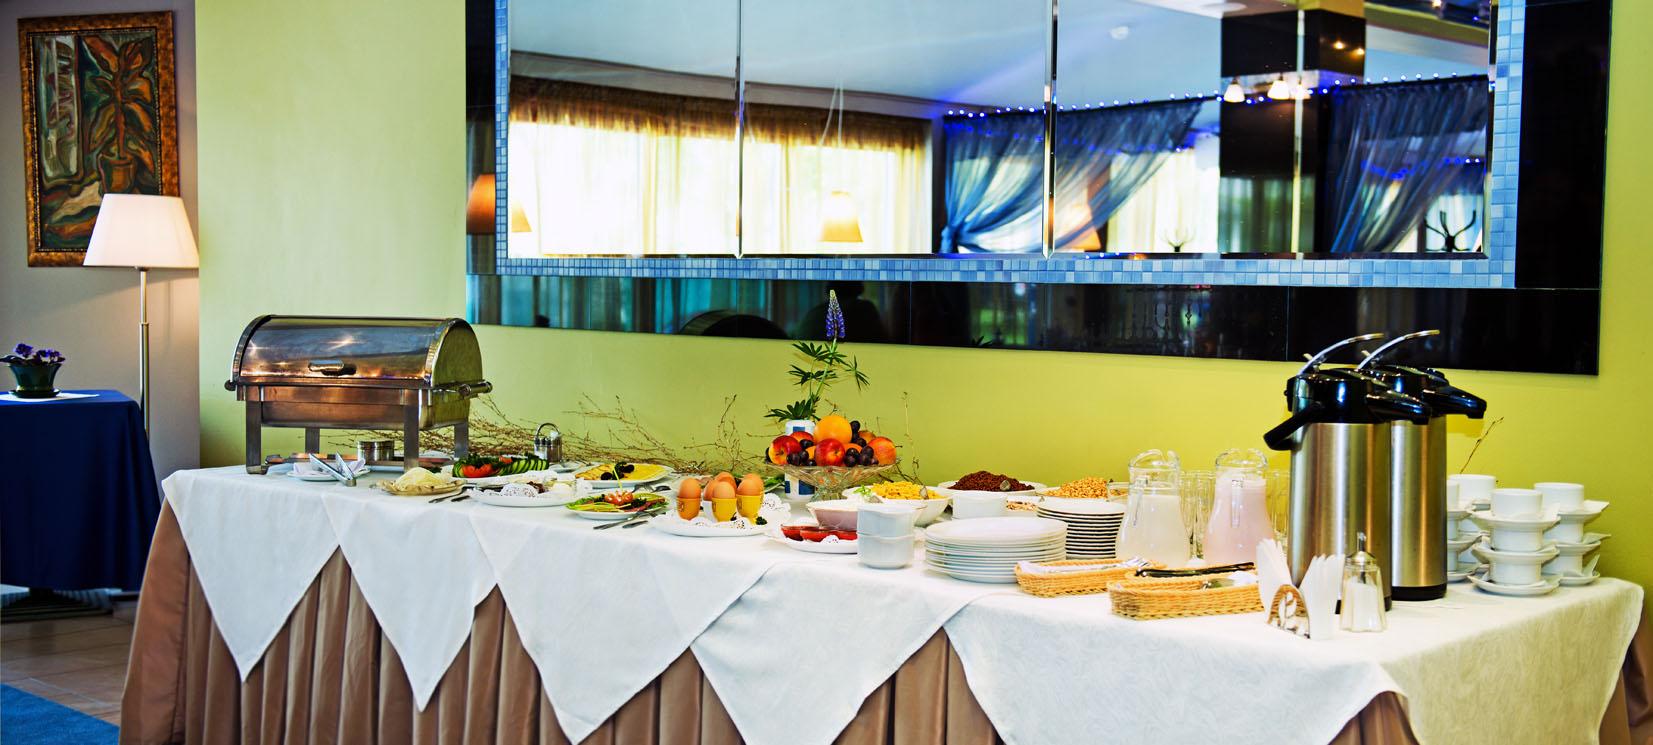 Фото отеля Best Baltic Hotel Palanga 4* № 3